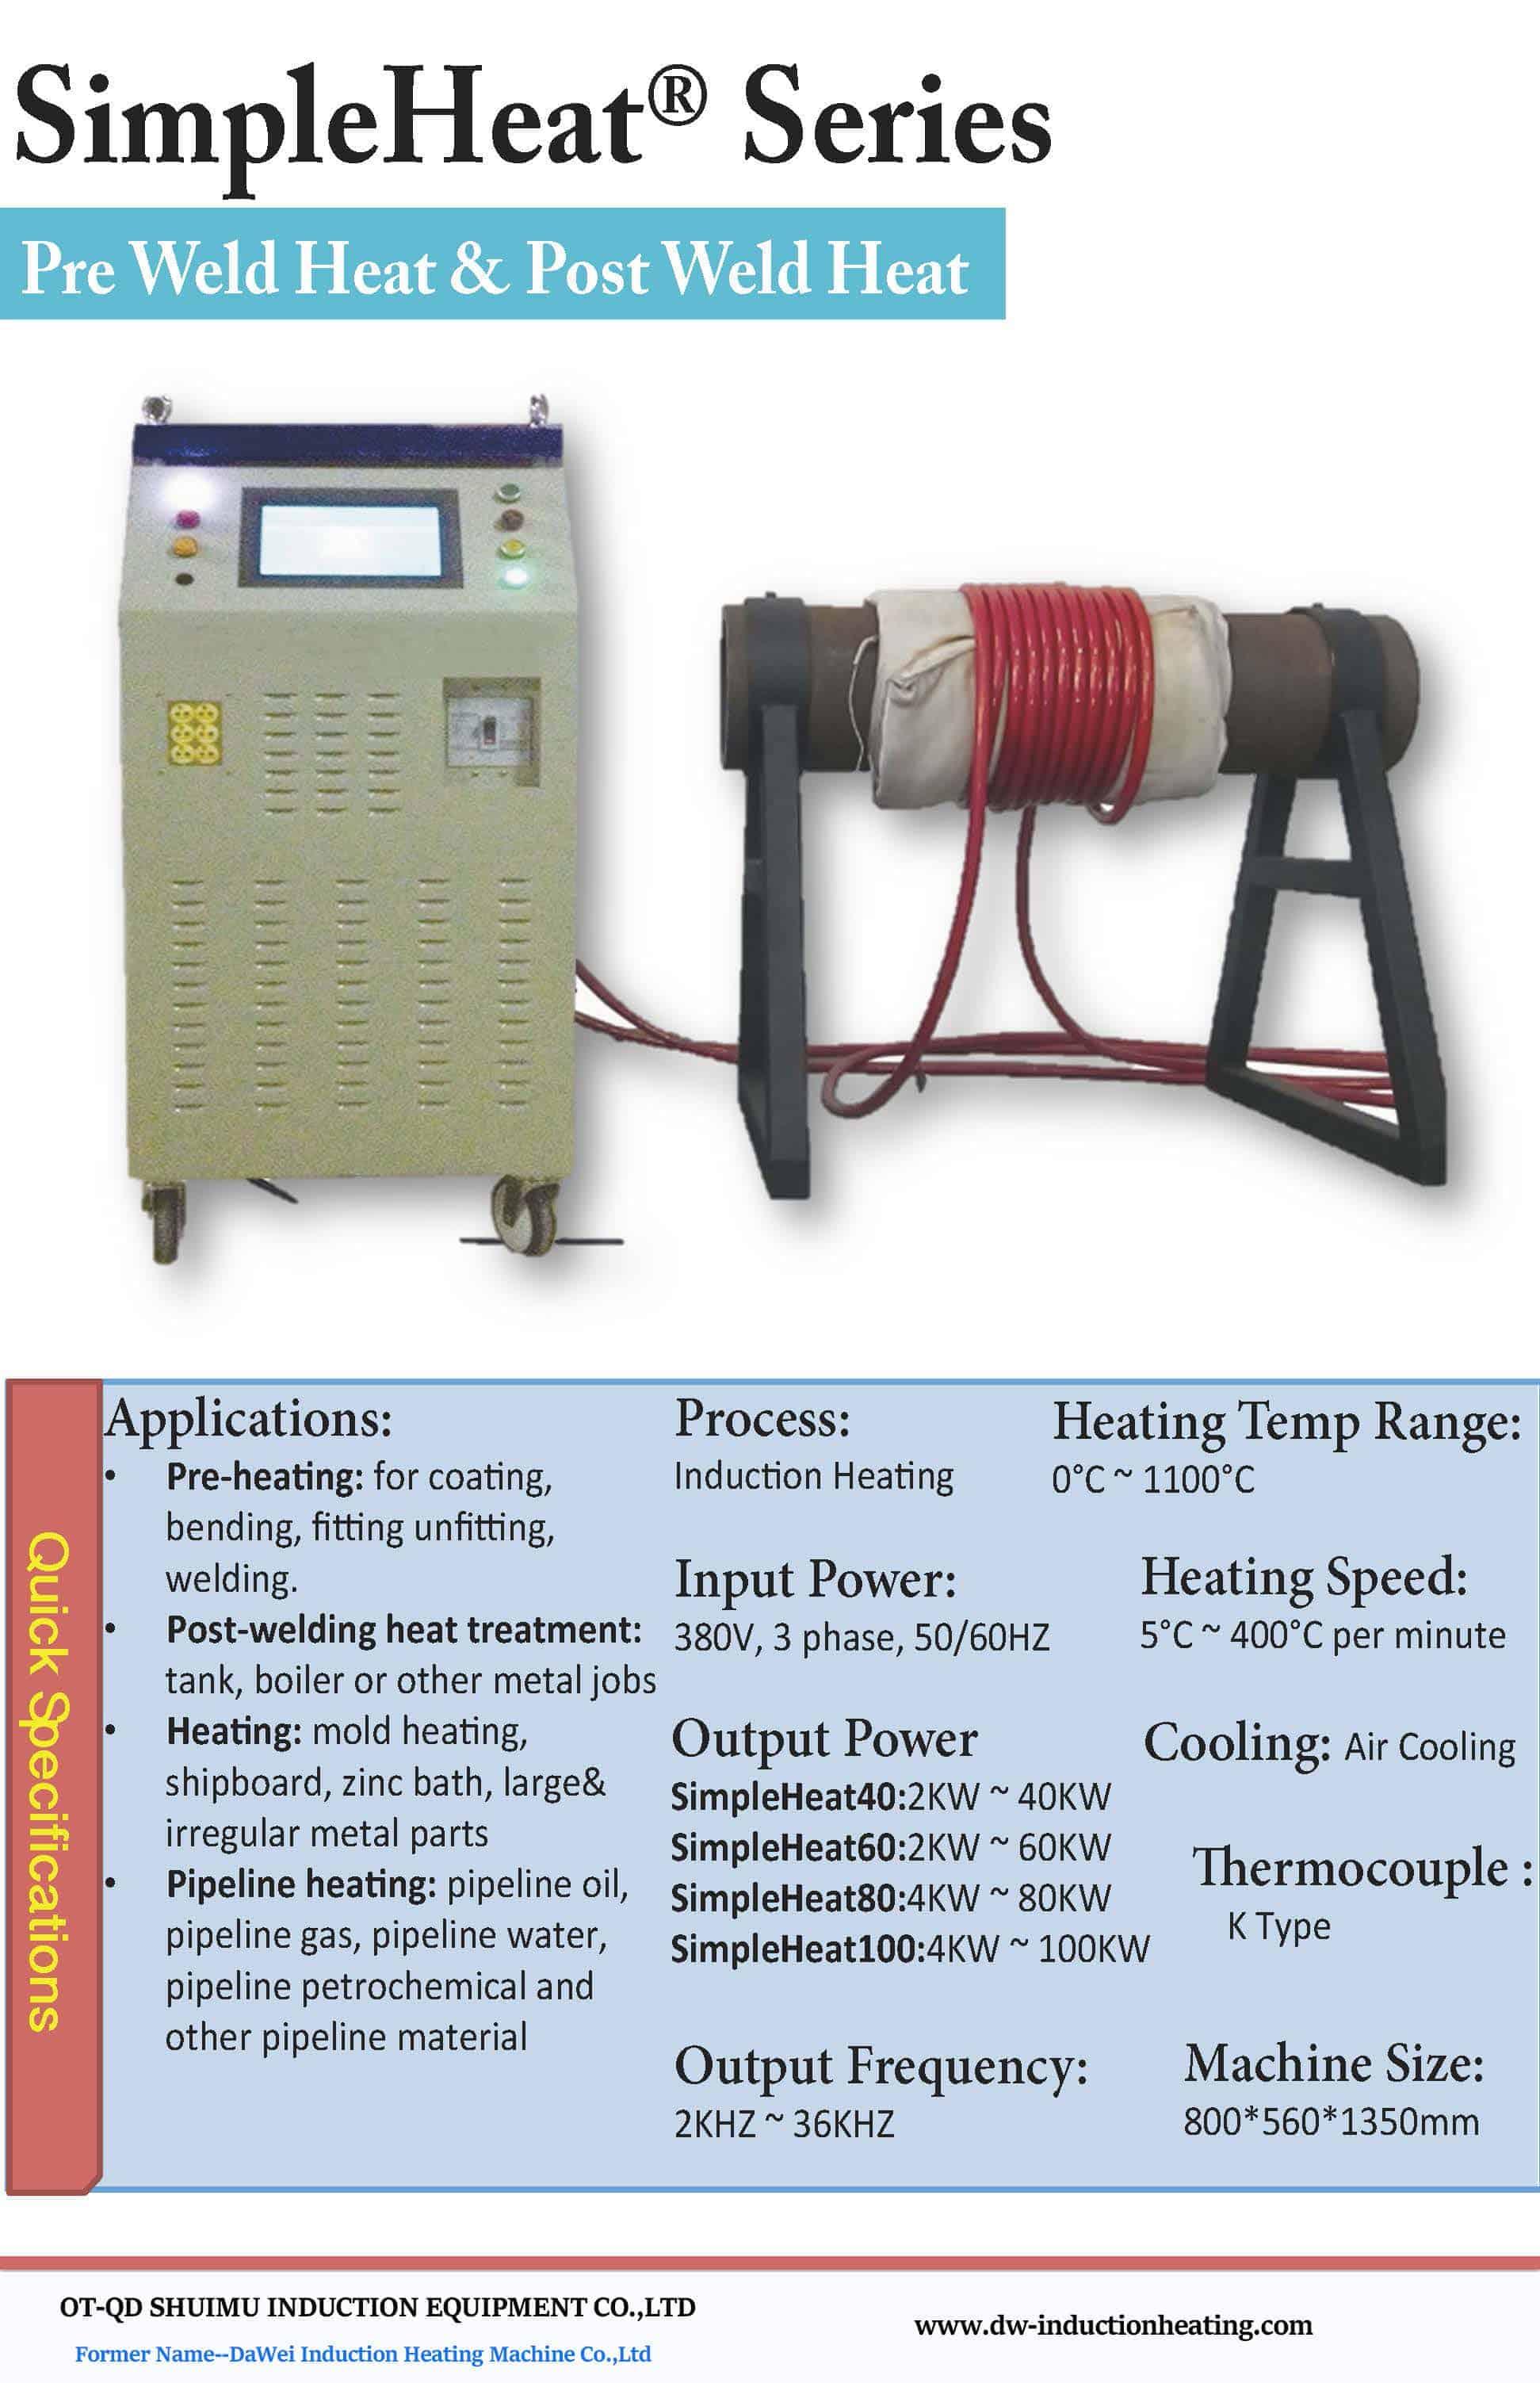 Gas Olpipeline Vorwarmschweissmaschine Vorwarmung Nach Dem